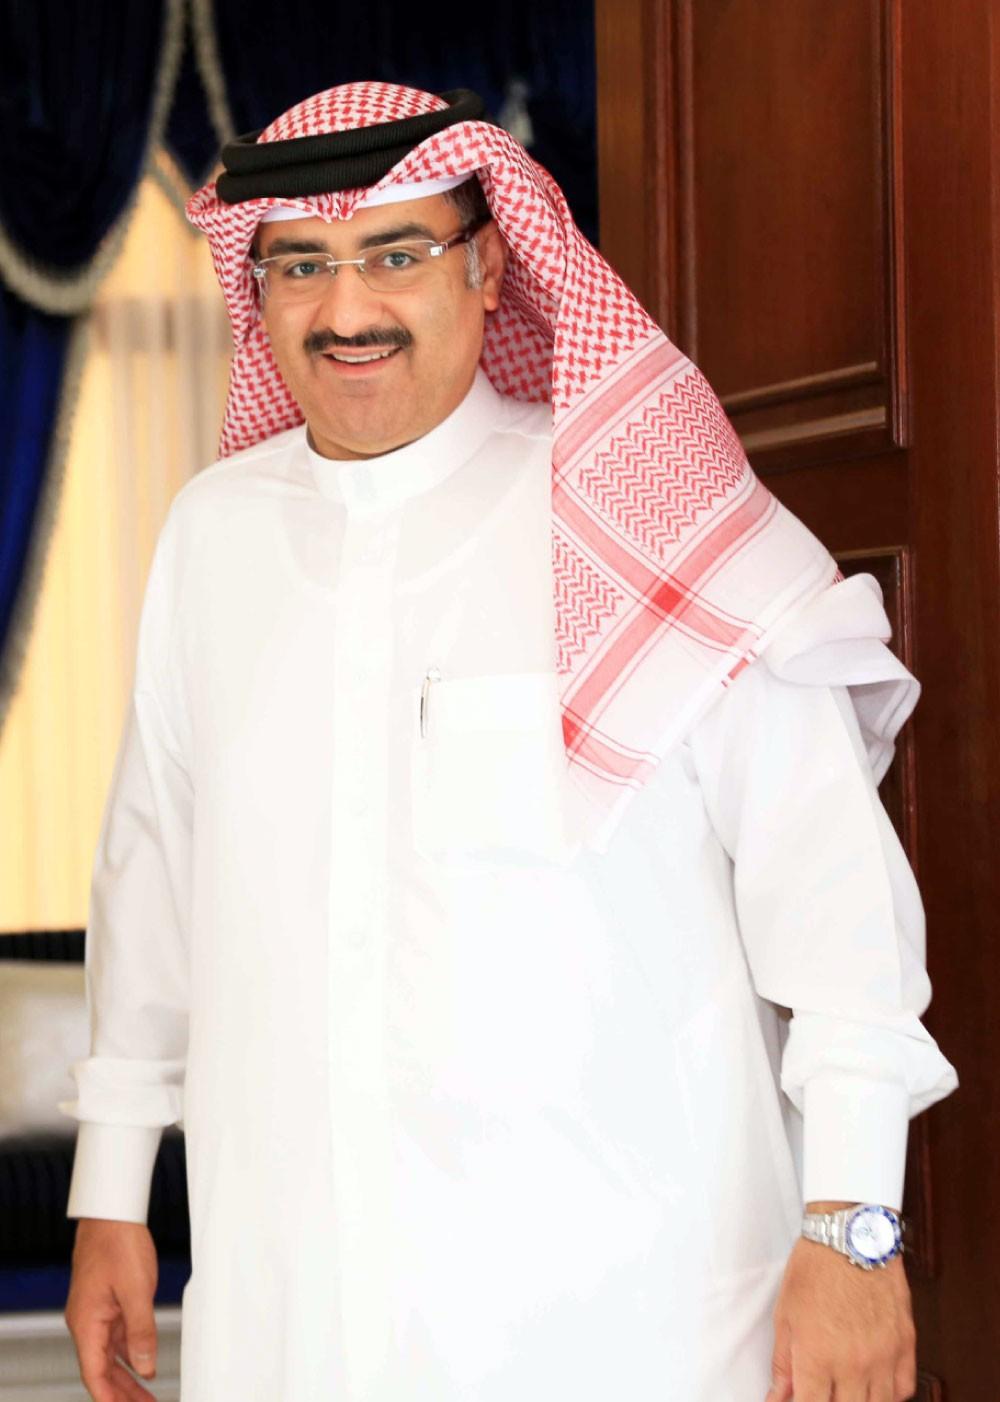 """الشيخ: ناصر بن حمد حقق إنجازا تاريخيا بالفوز بـ """"سباق الرجل الحديدي"""""""